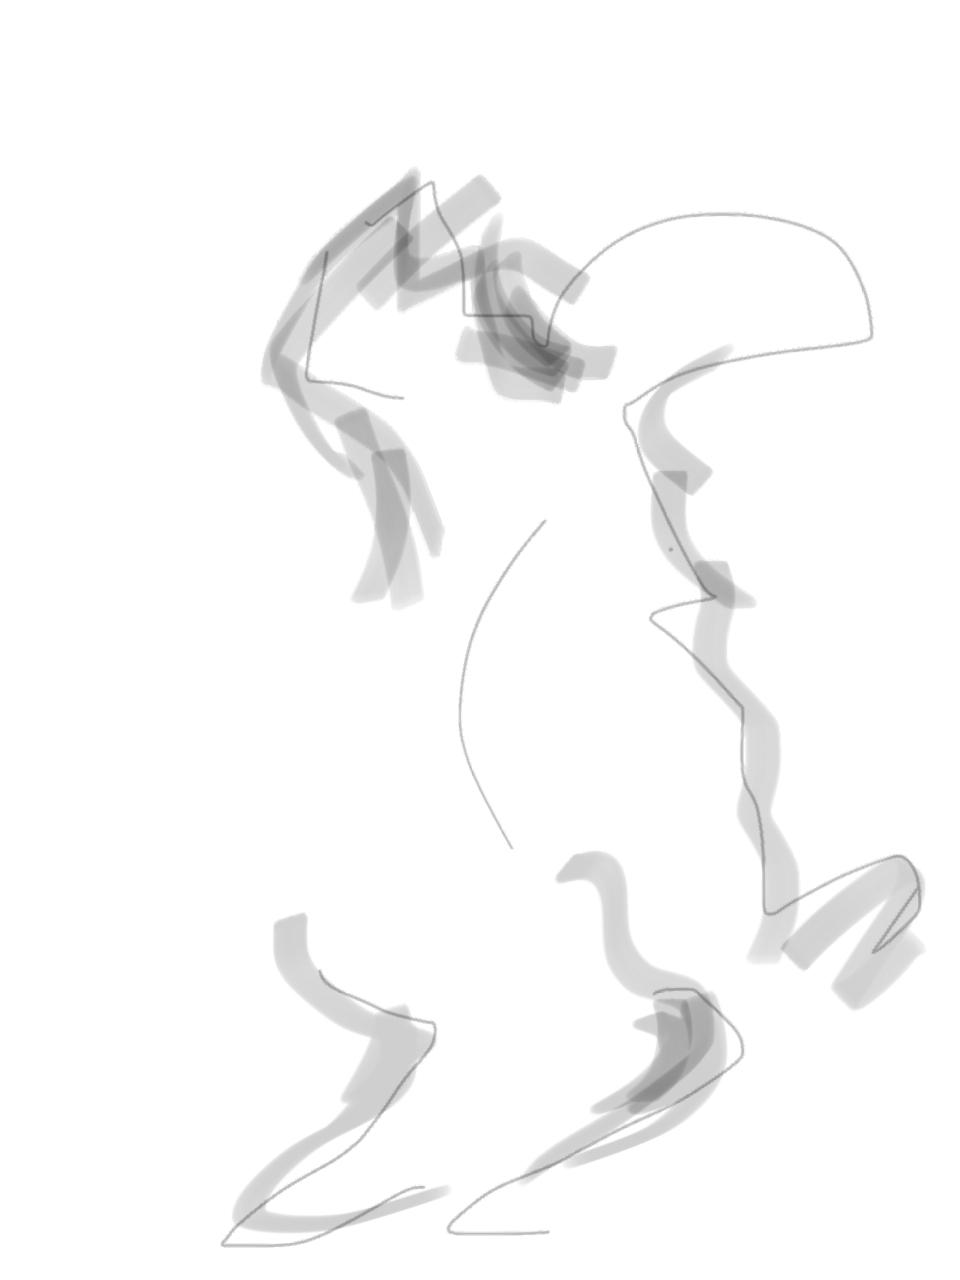 fluorite body sketch 3.jpg